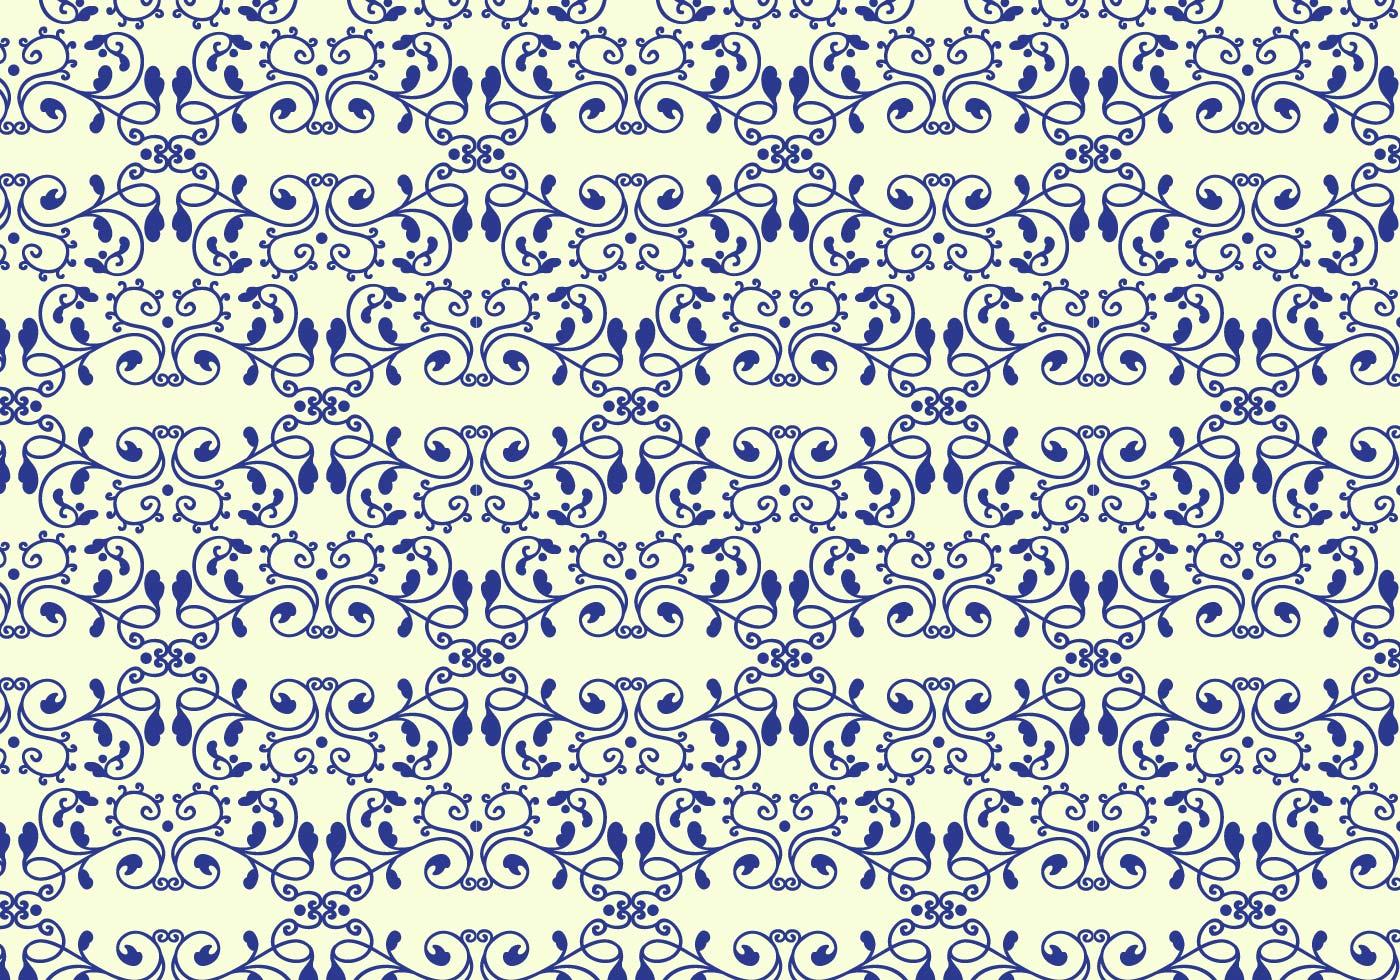 Ornamento Vector Libre Fondo Floral - Descargue Gráficos y Vectores ...